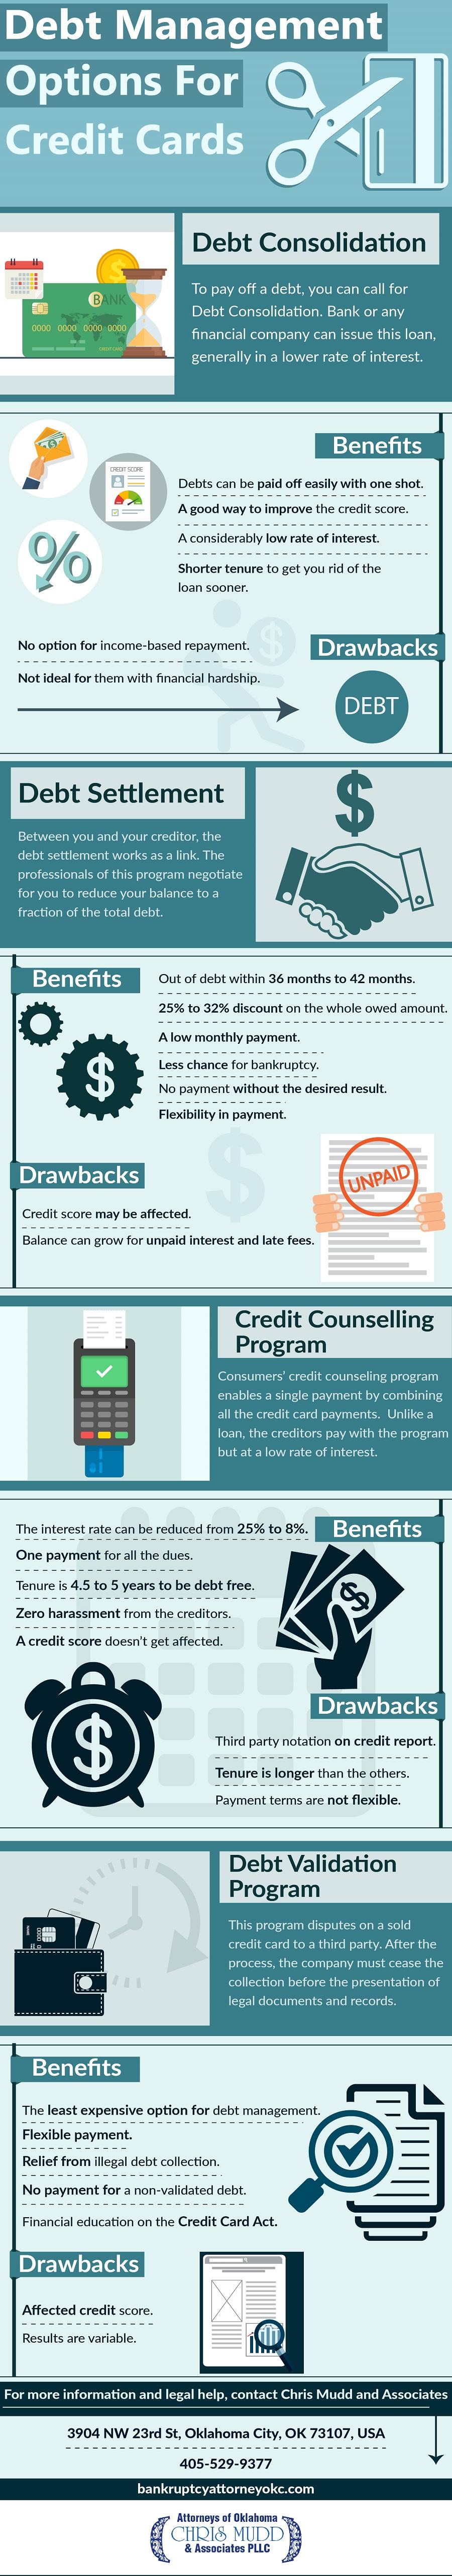 Debt Management Options For Credit Cards